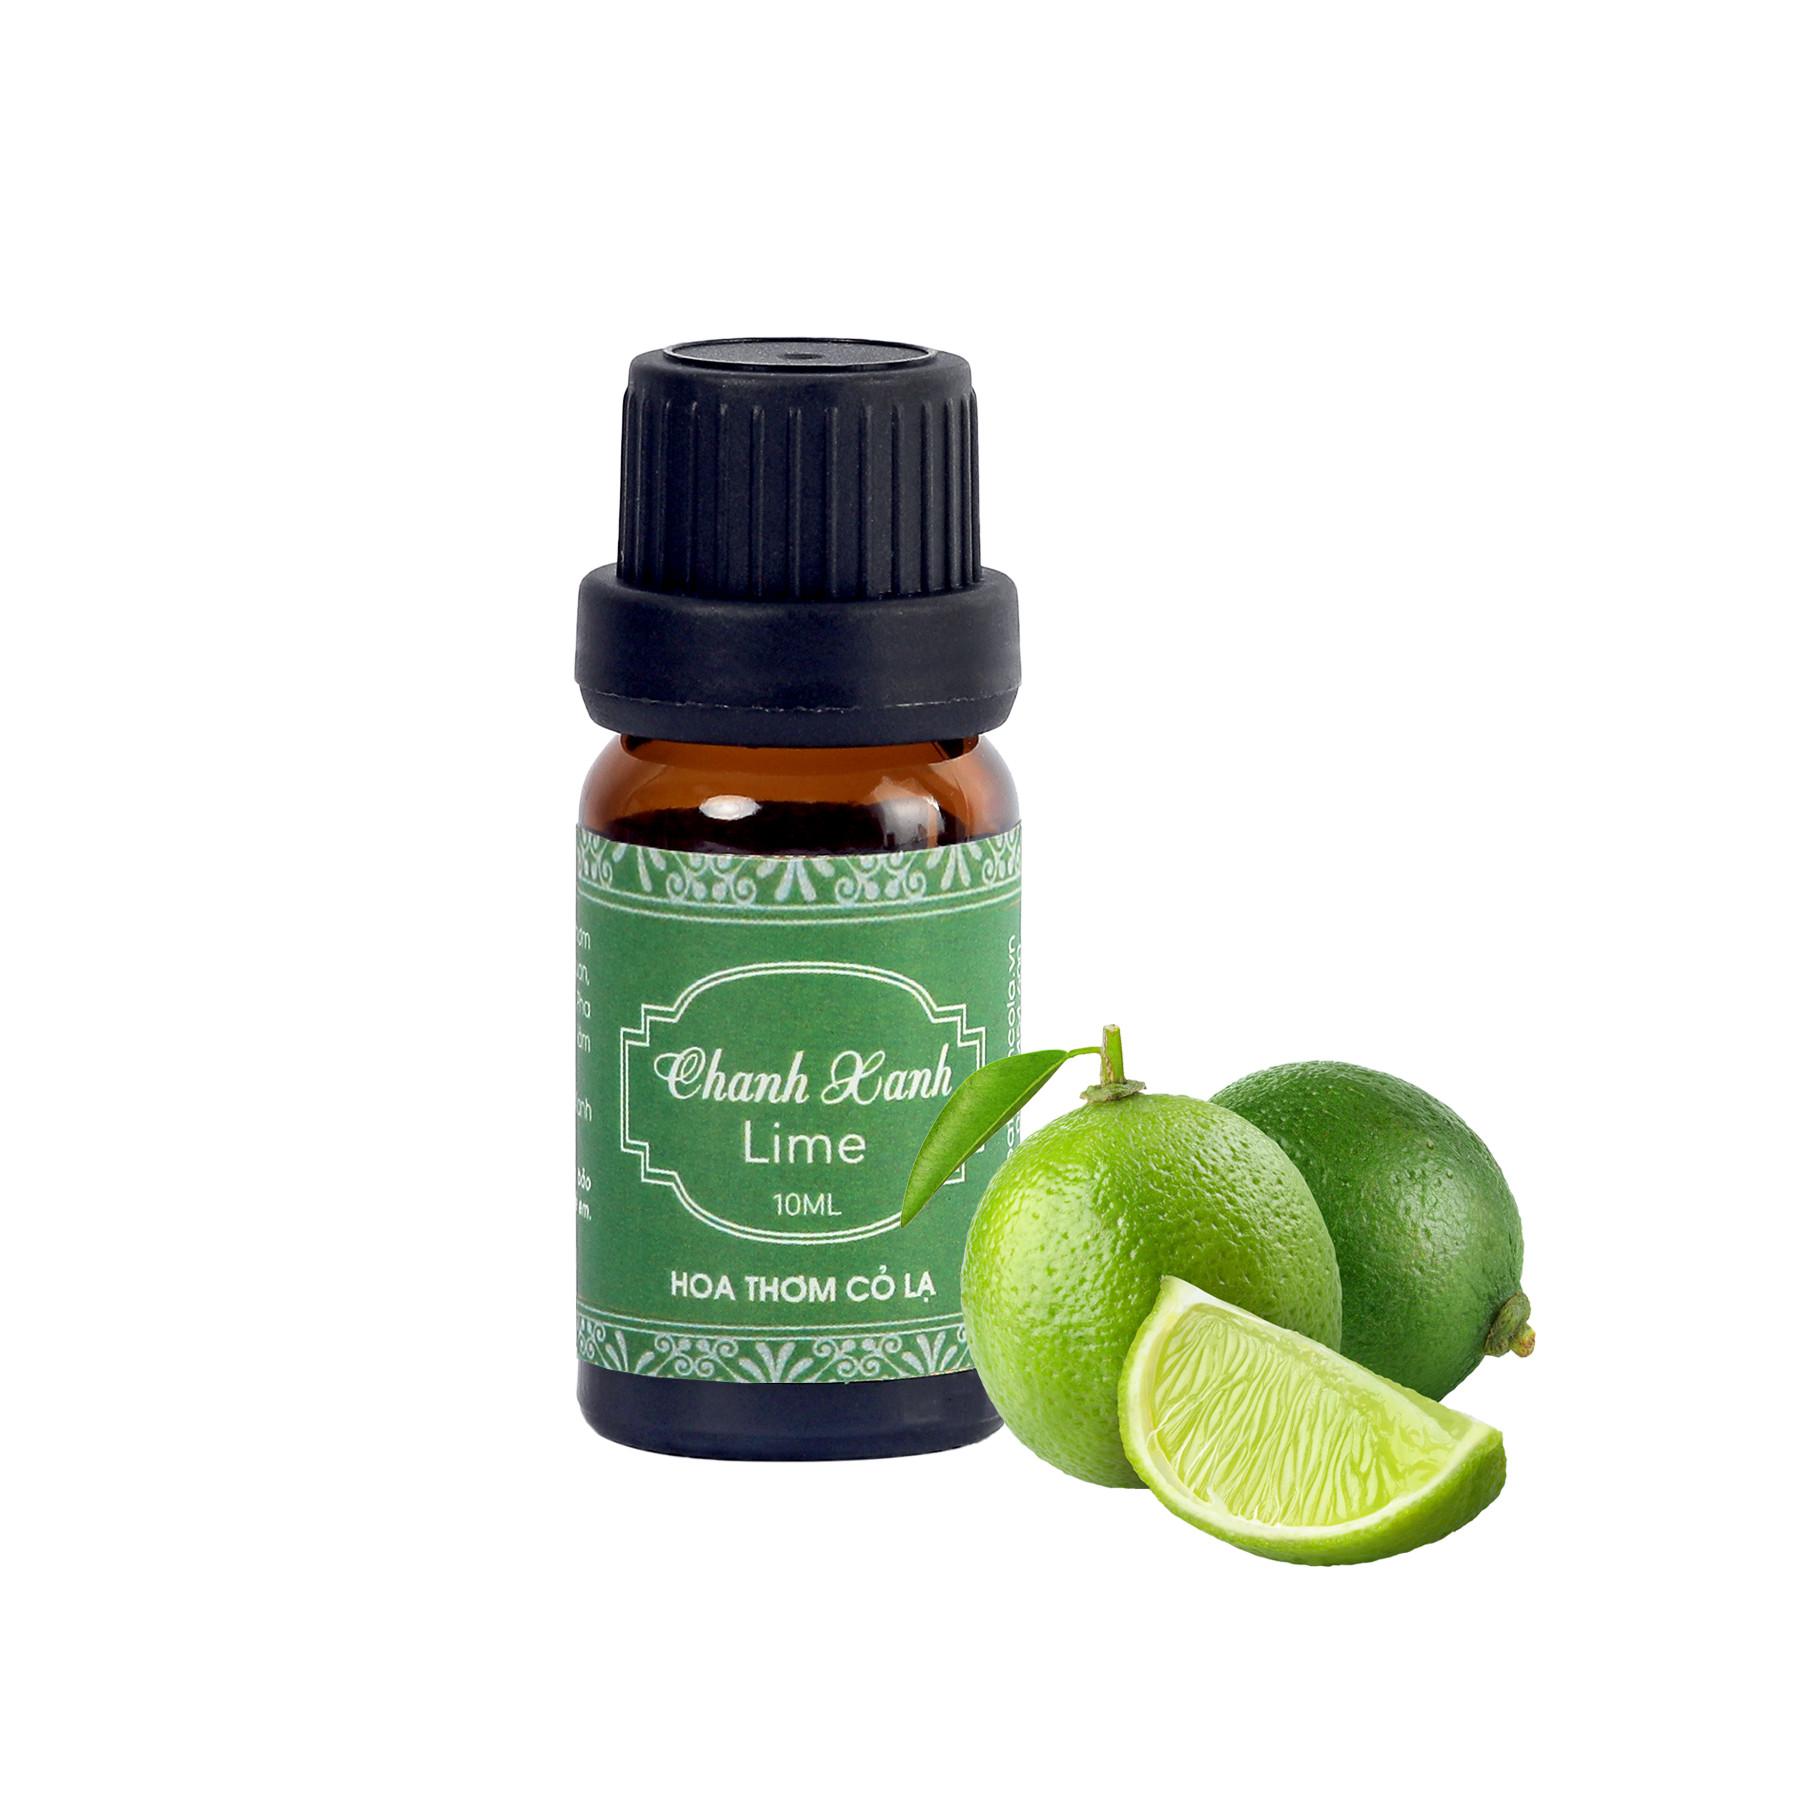 Tinh Dầu Chanh (Xanh) - Lime Essential Oil 10ml - Hoa Thơm Cỏ Lạ